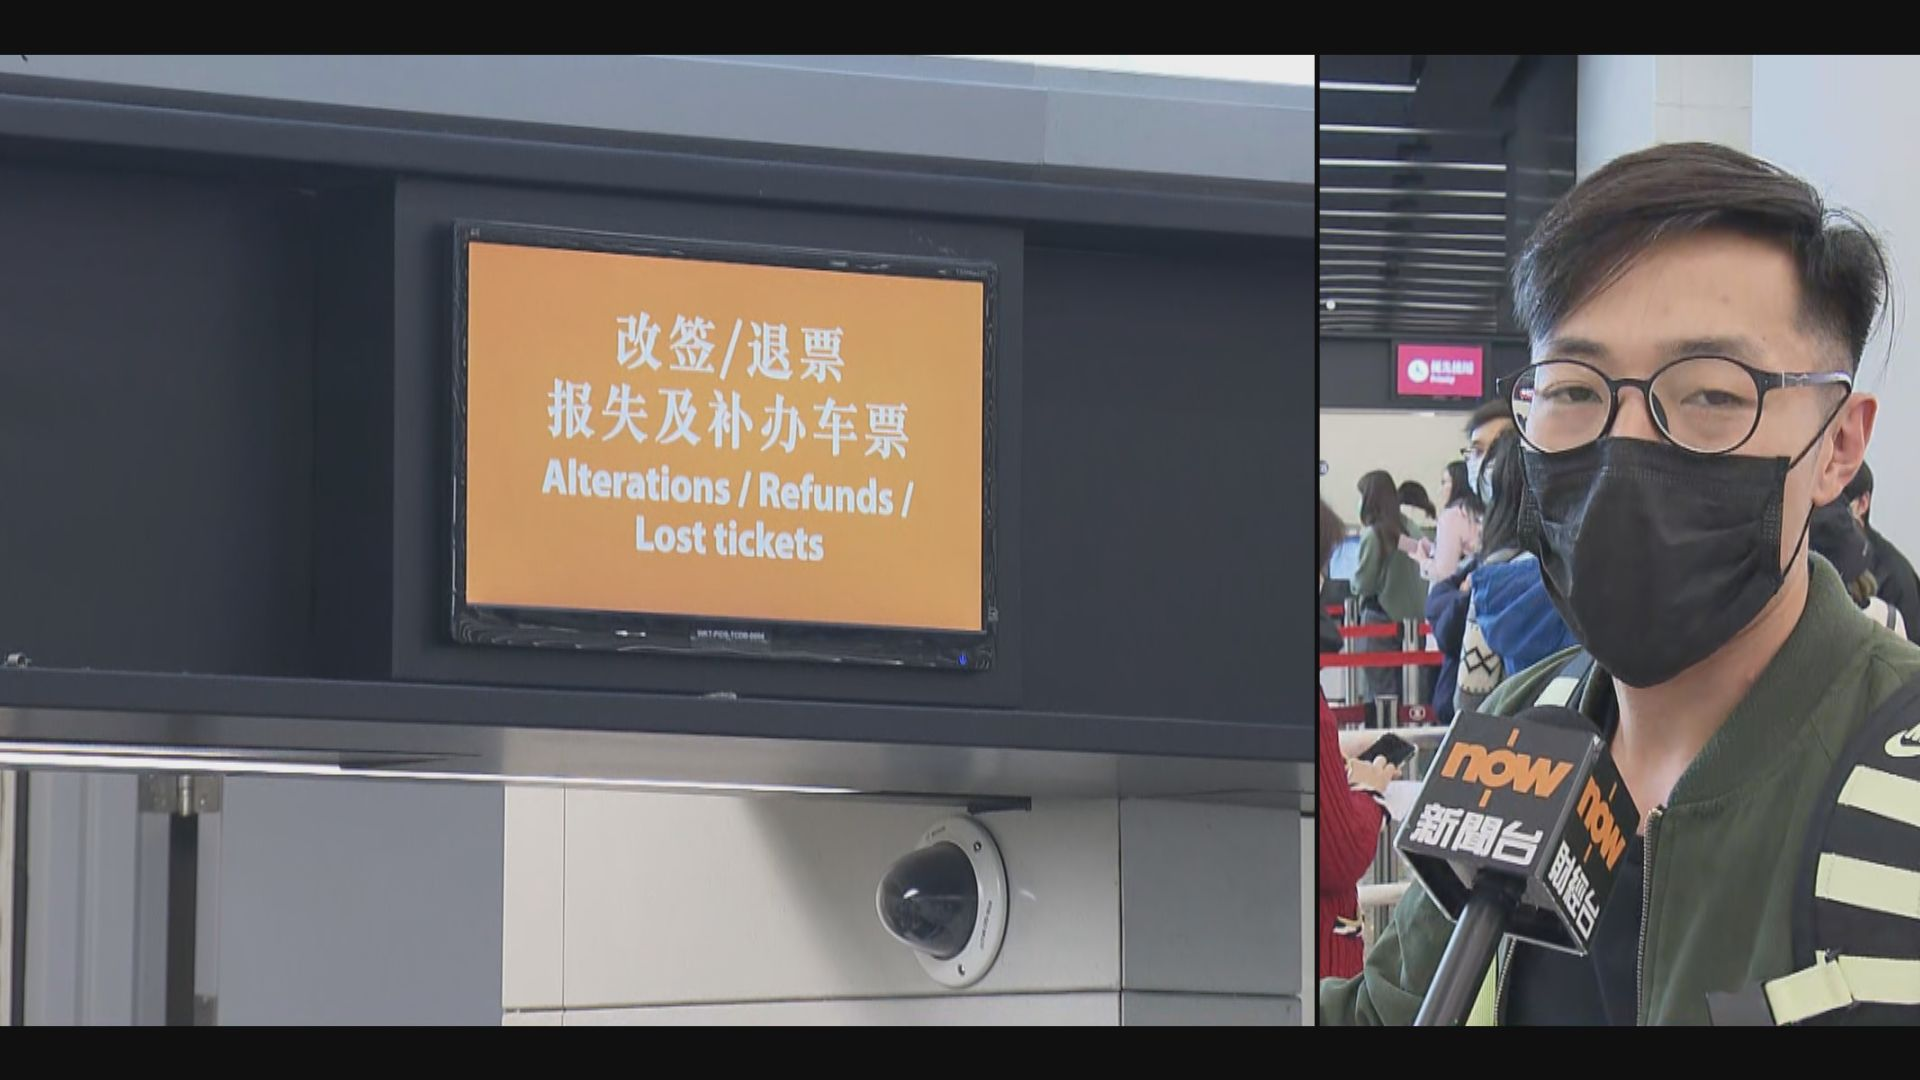 高鐵西九站出現退票人龍